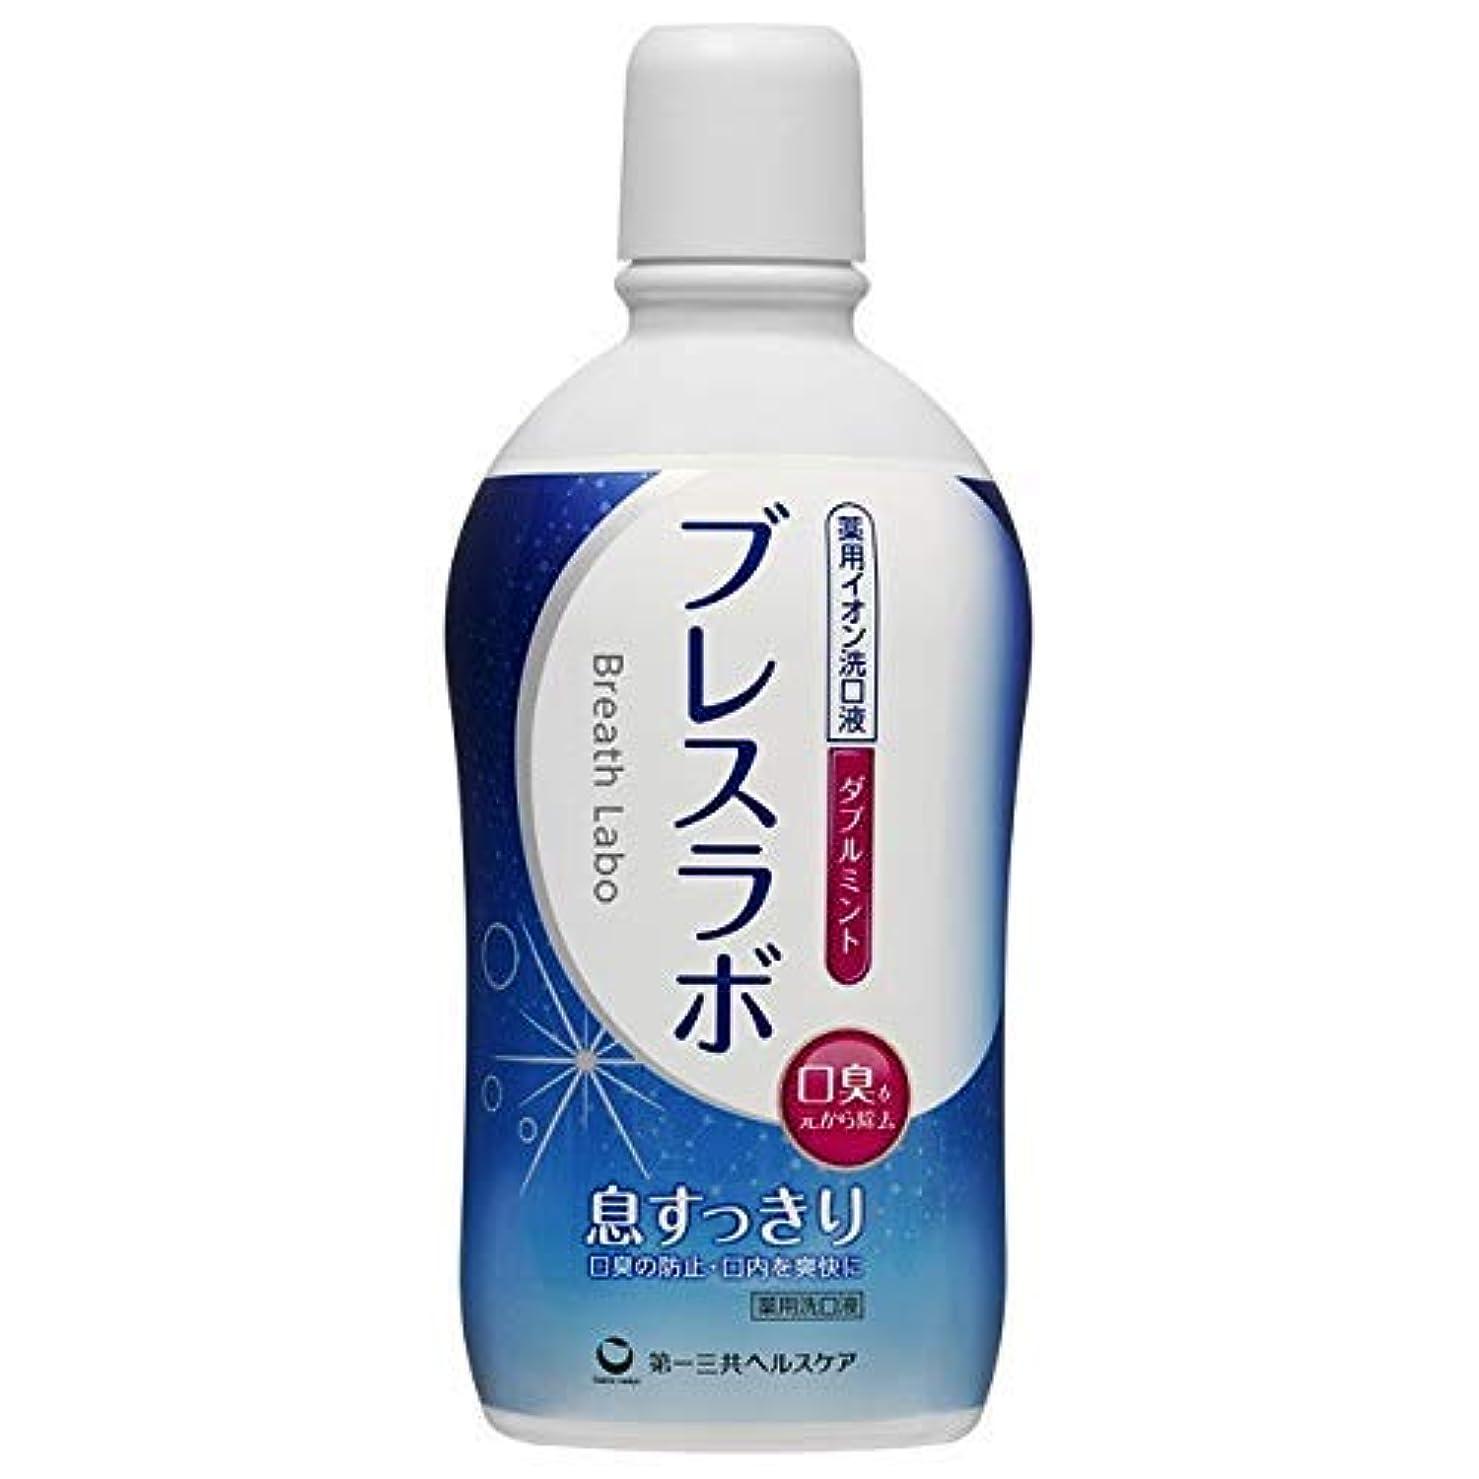 知恵スライス法律第一三共ヘルスケア 薬用イオン洗口液 ブレスラボ マウスウォッシュ ダブルミント 450mL